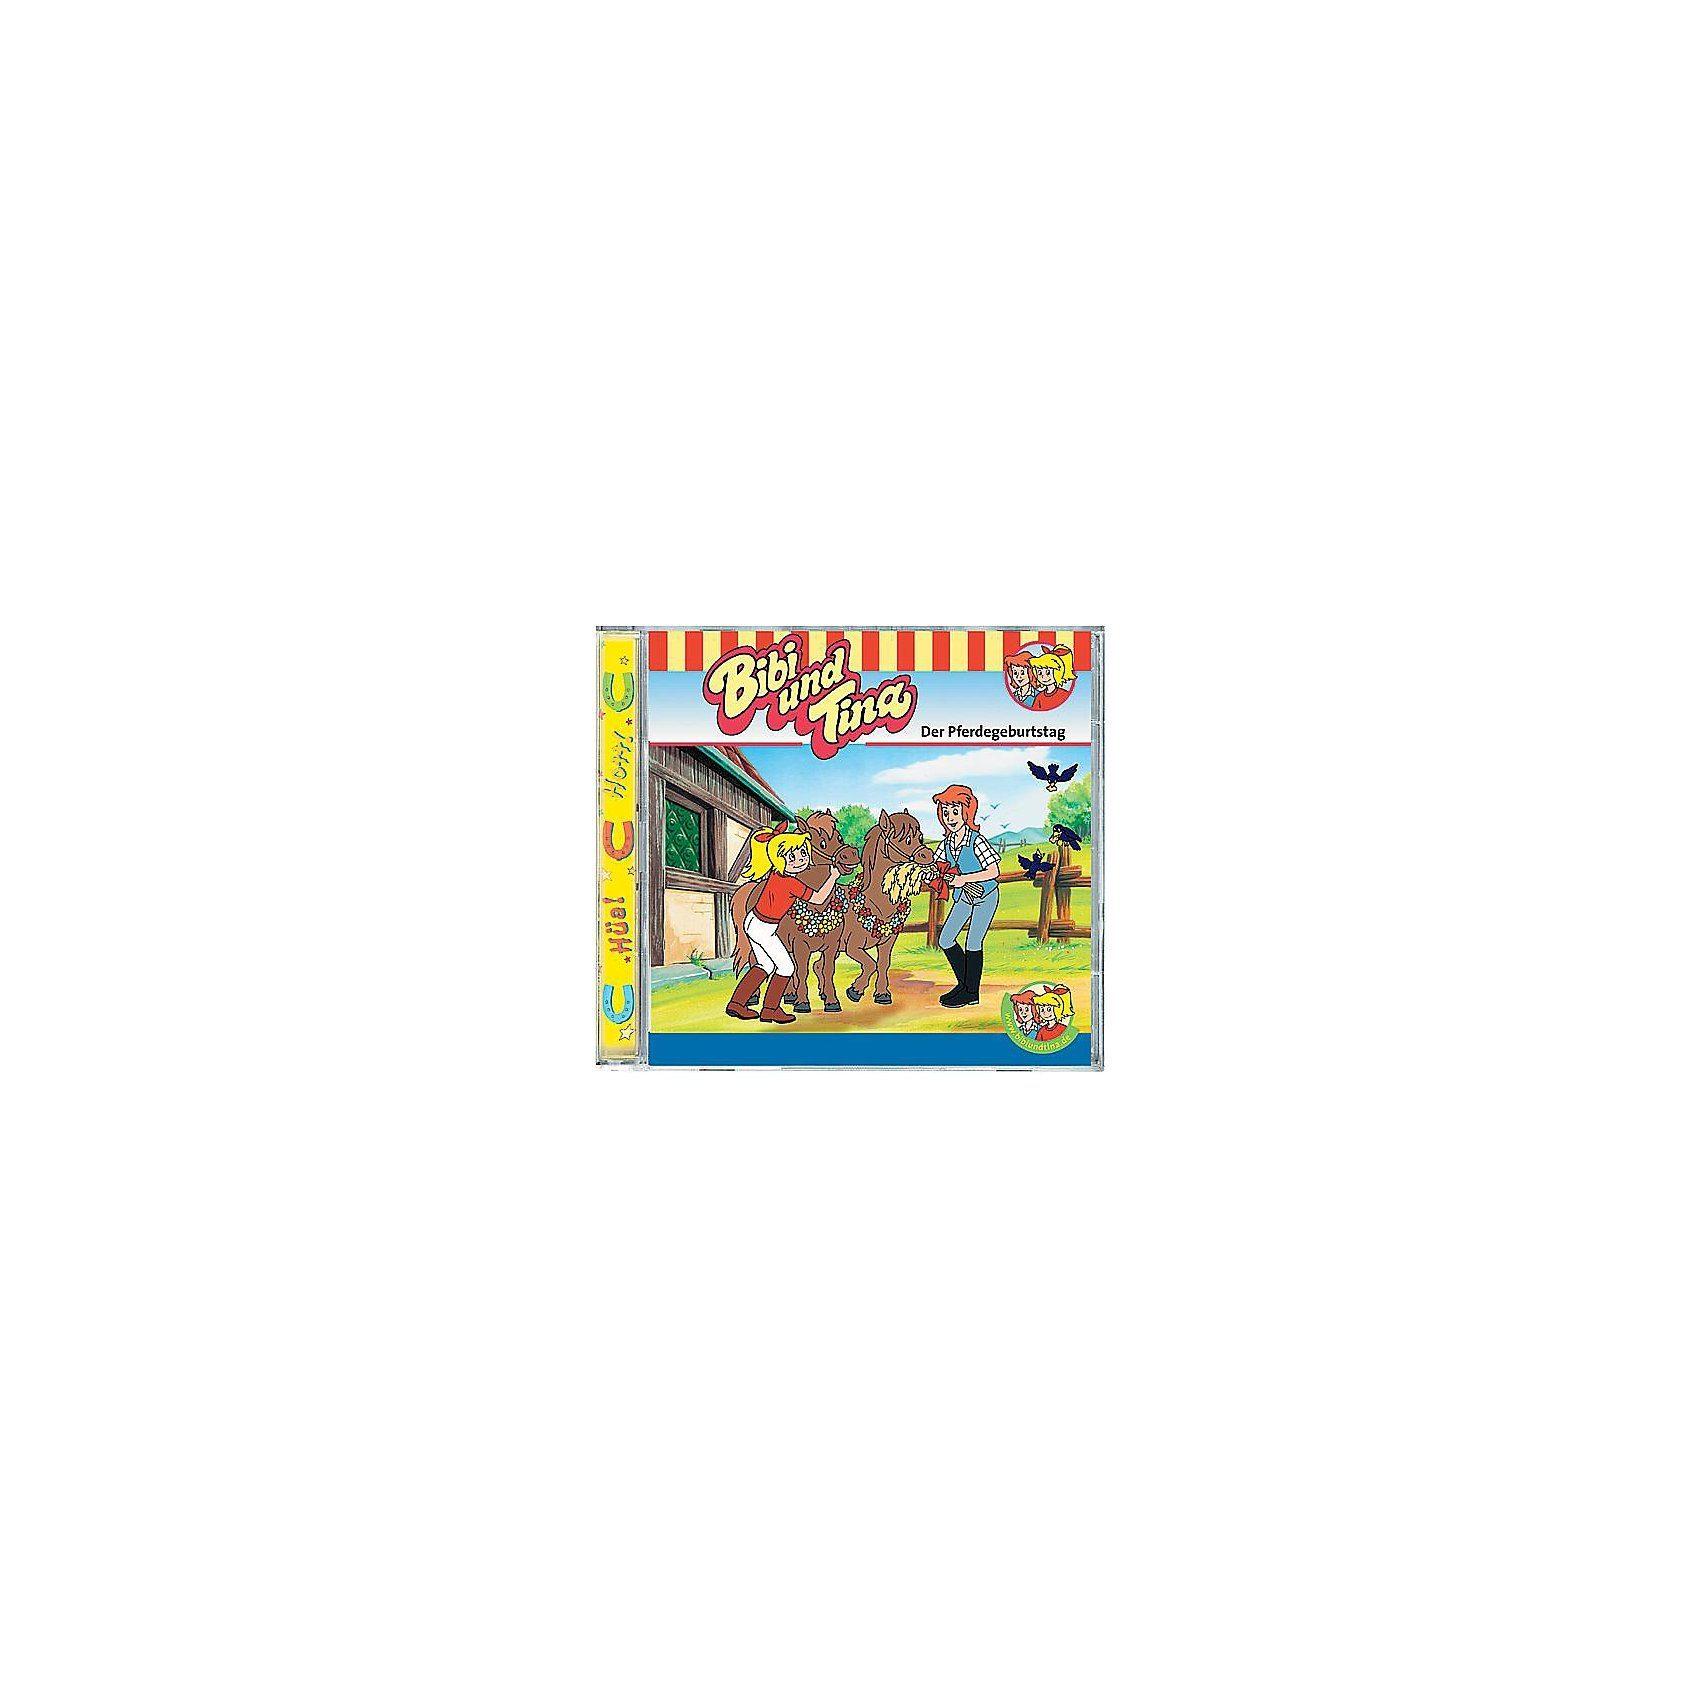 Kiddinx CD Bibi und Tina 27 (Der Pferdegeburtstag)